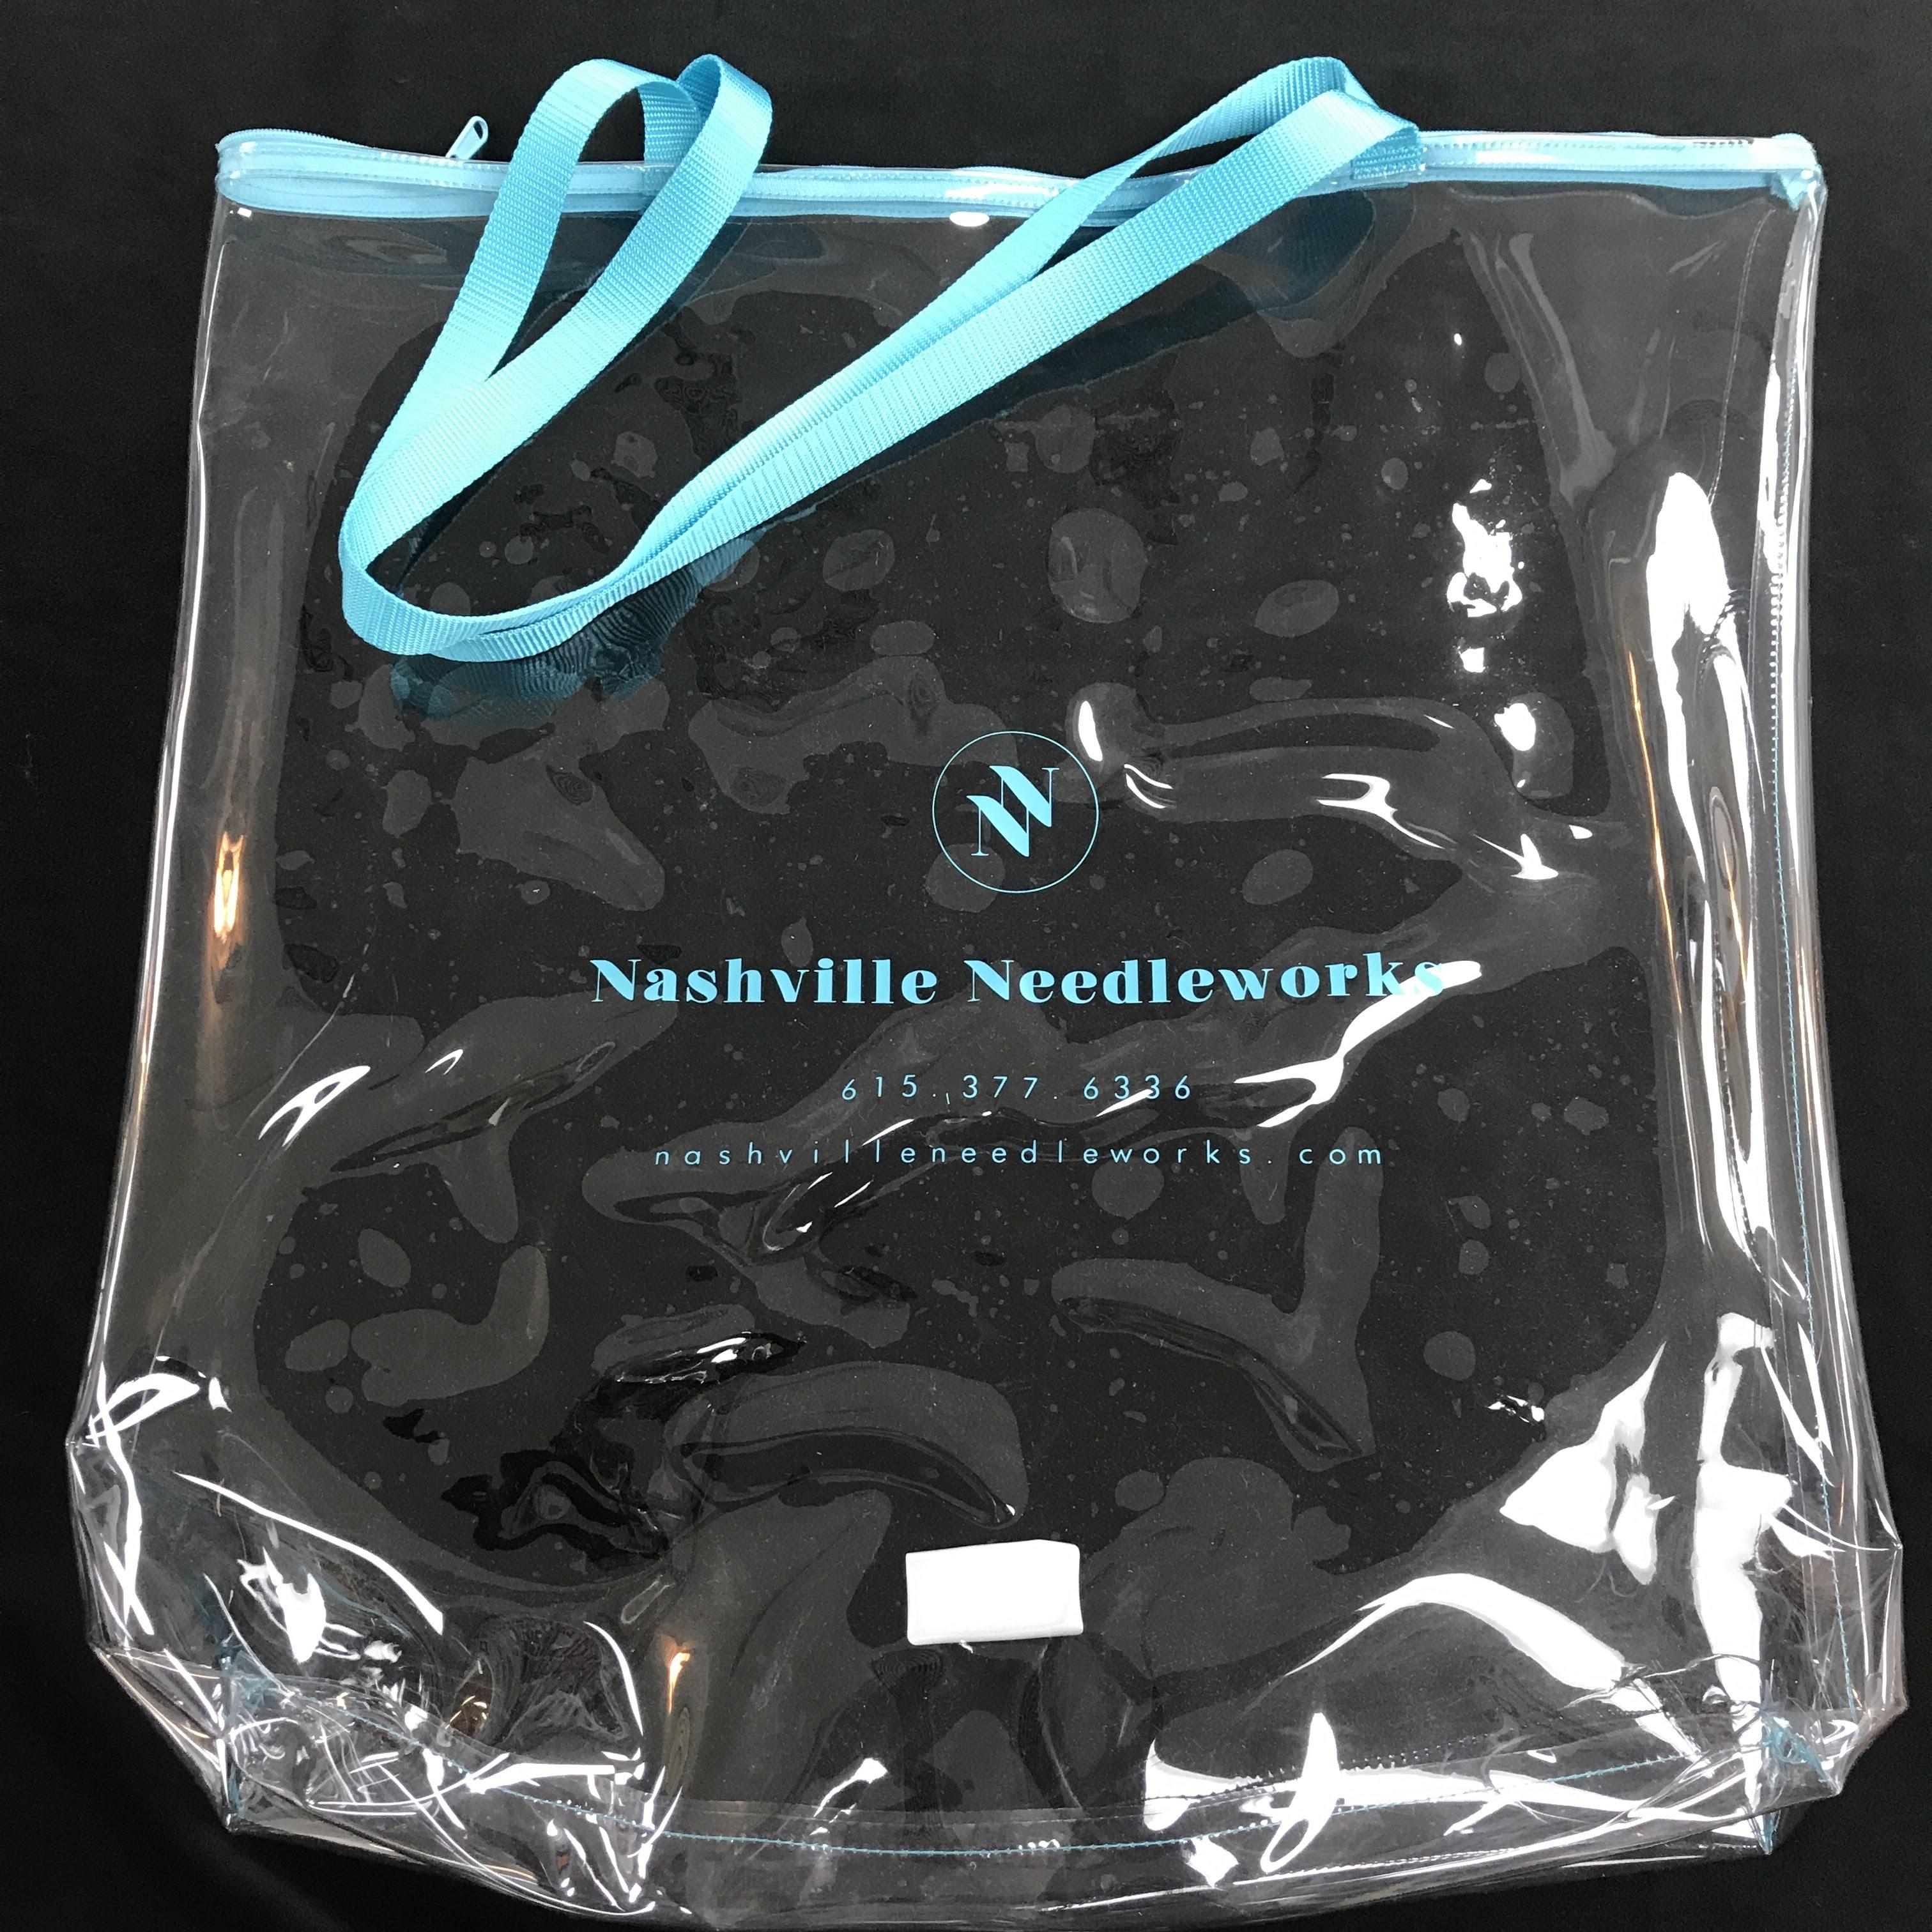 Nashville Needleworks - Daisy Bag XXLG